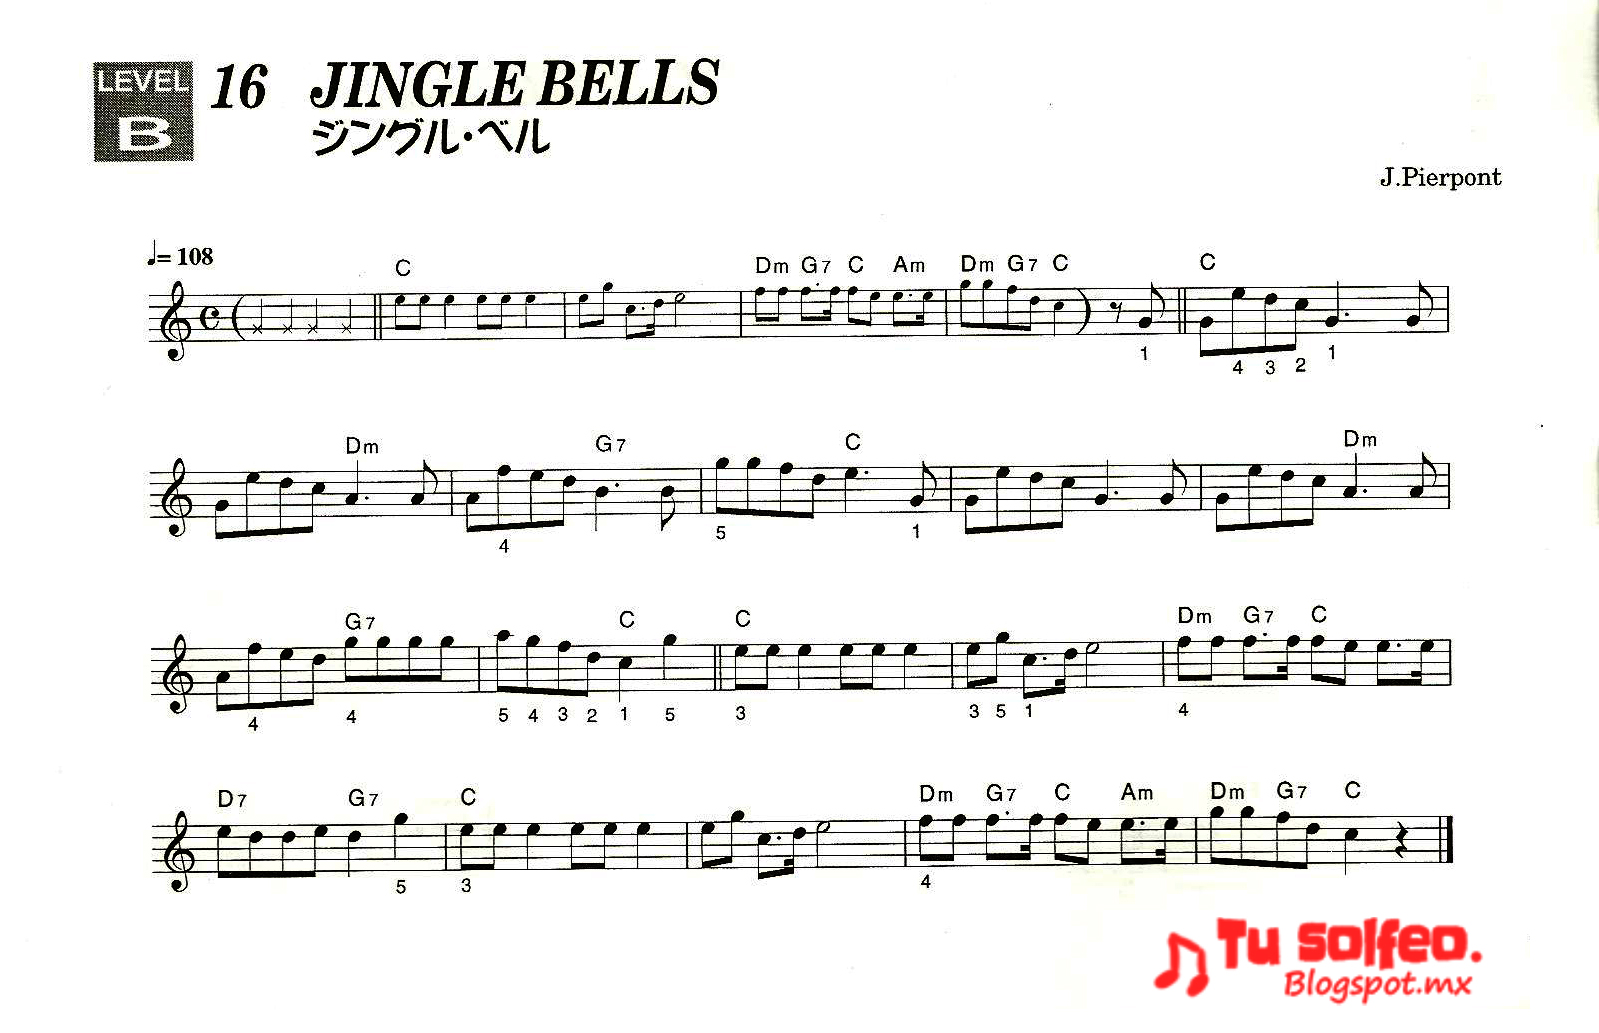 partitura navidad jingle bells